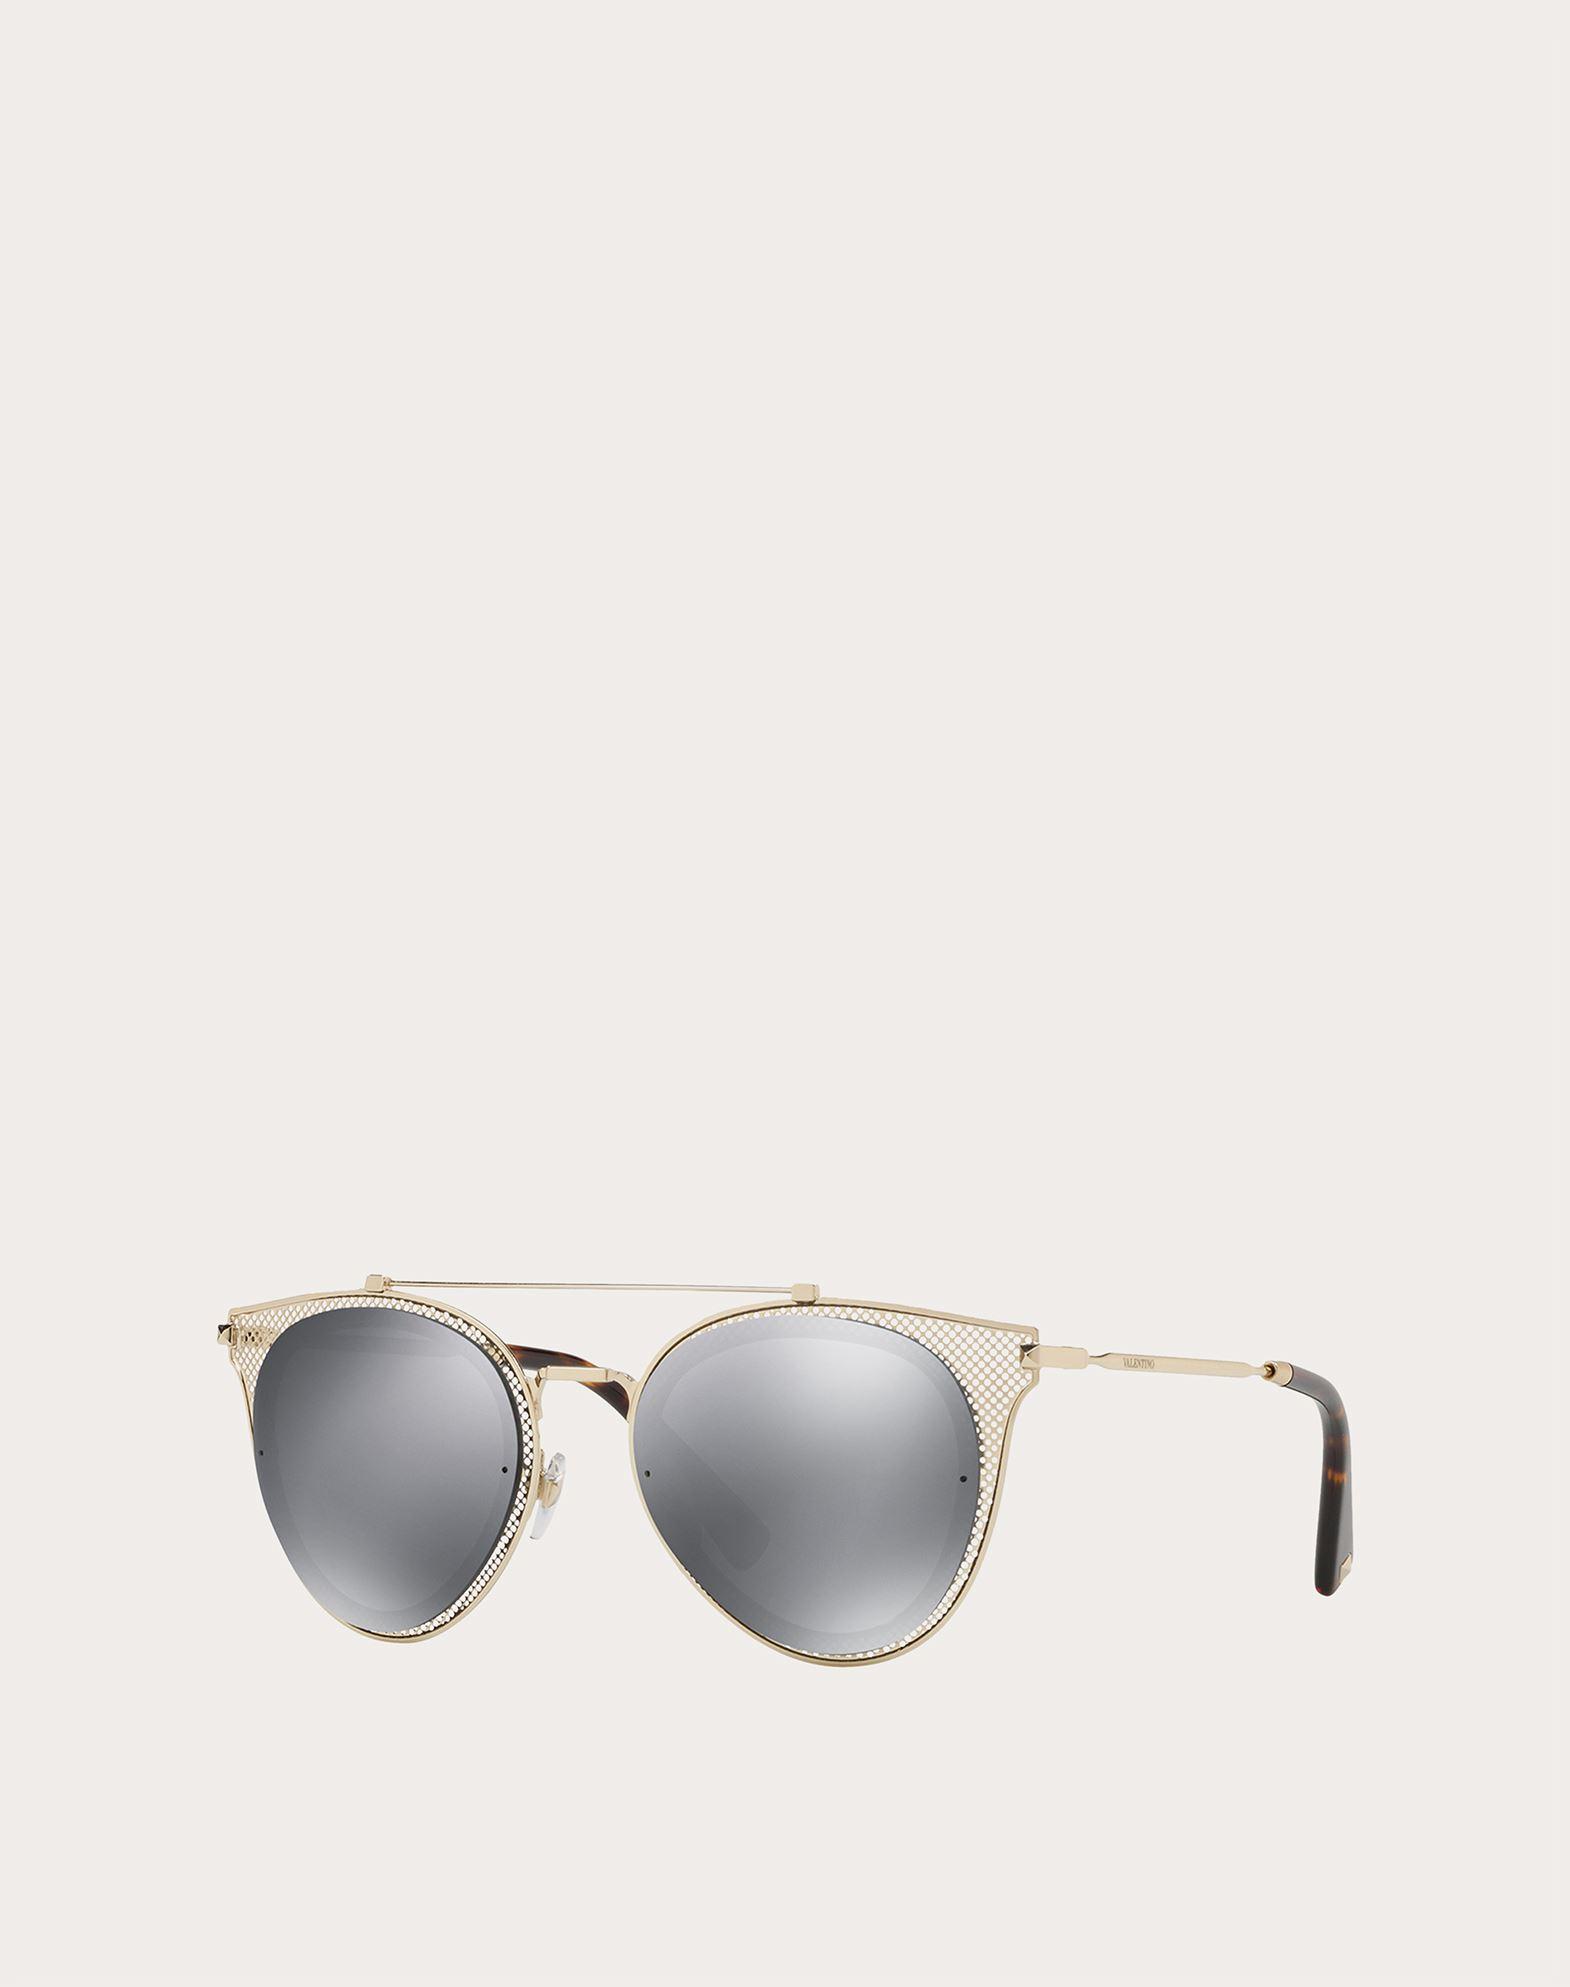 VALENTINO OCCHIALI Metal Sunglasses Sunglasses E r